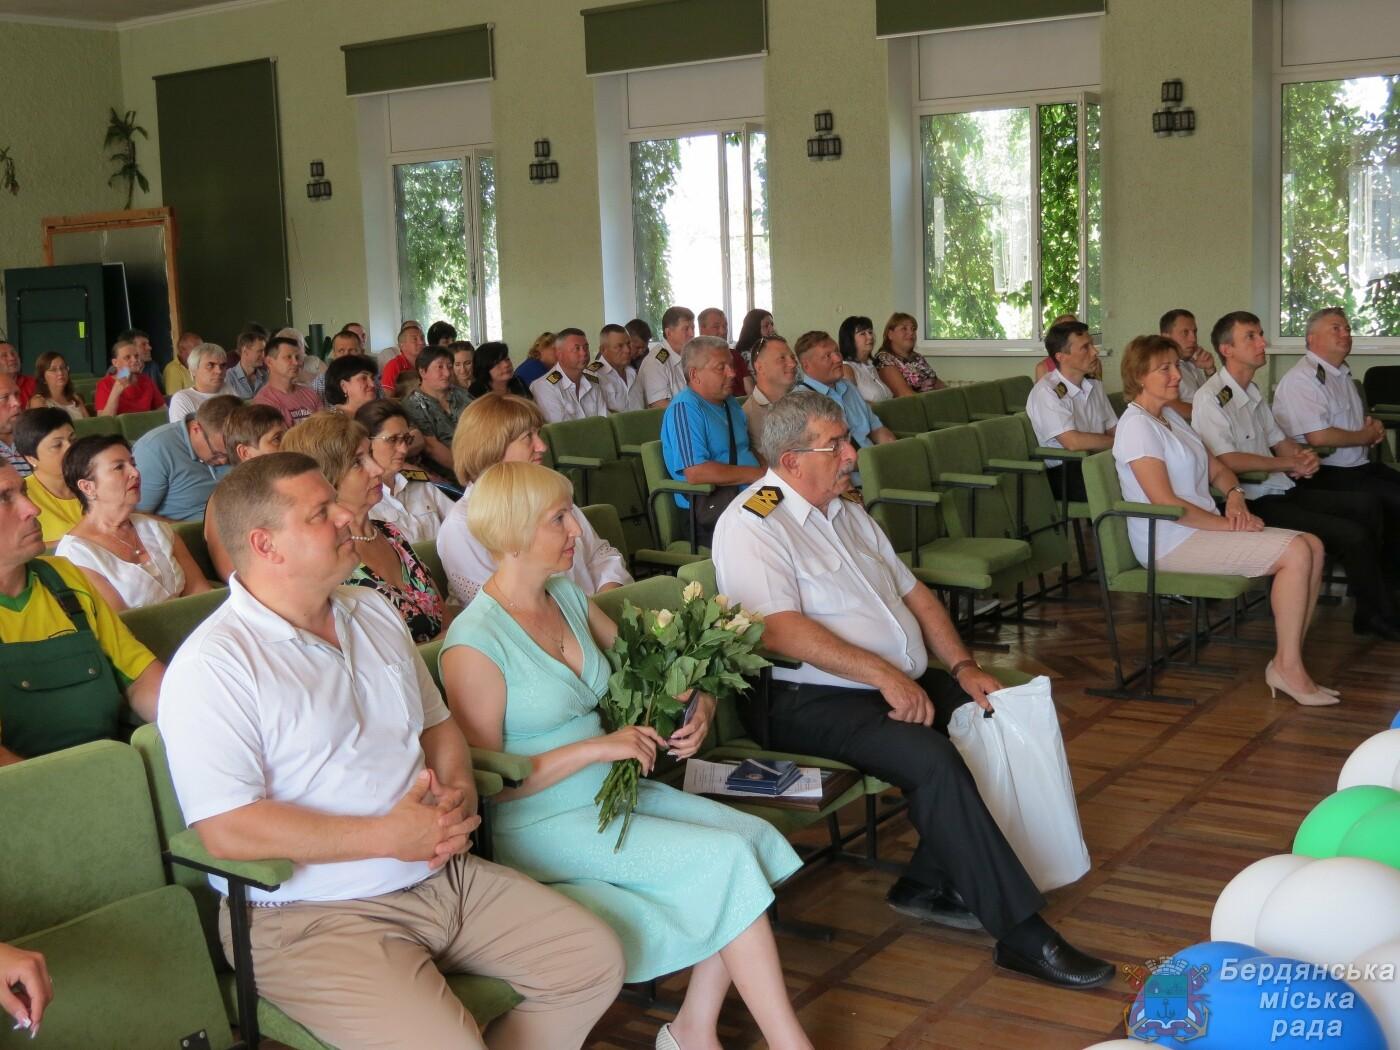 Работники Бердянского порта отмечают свой профессиональный праздник и 190 лет предприятию, фото-1